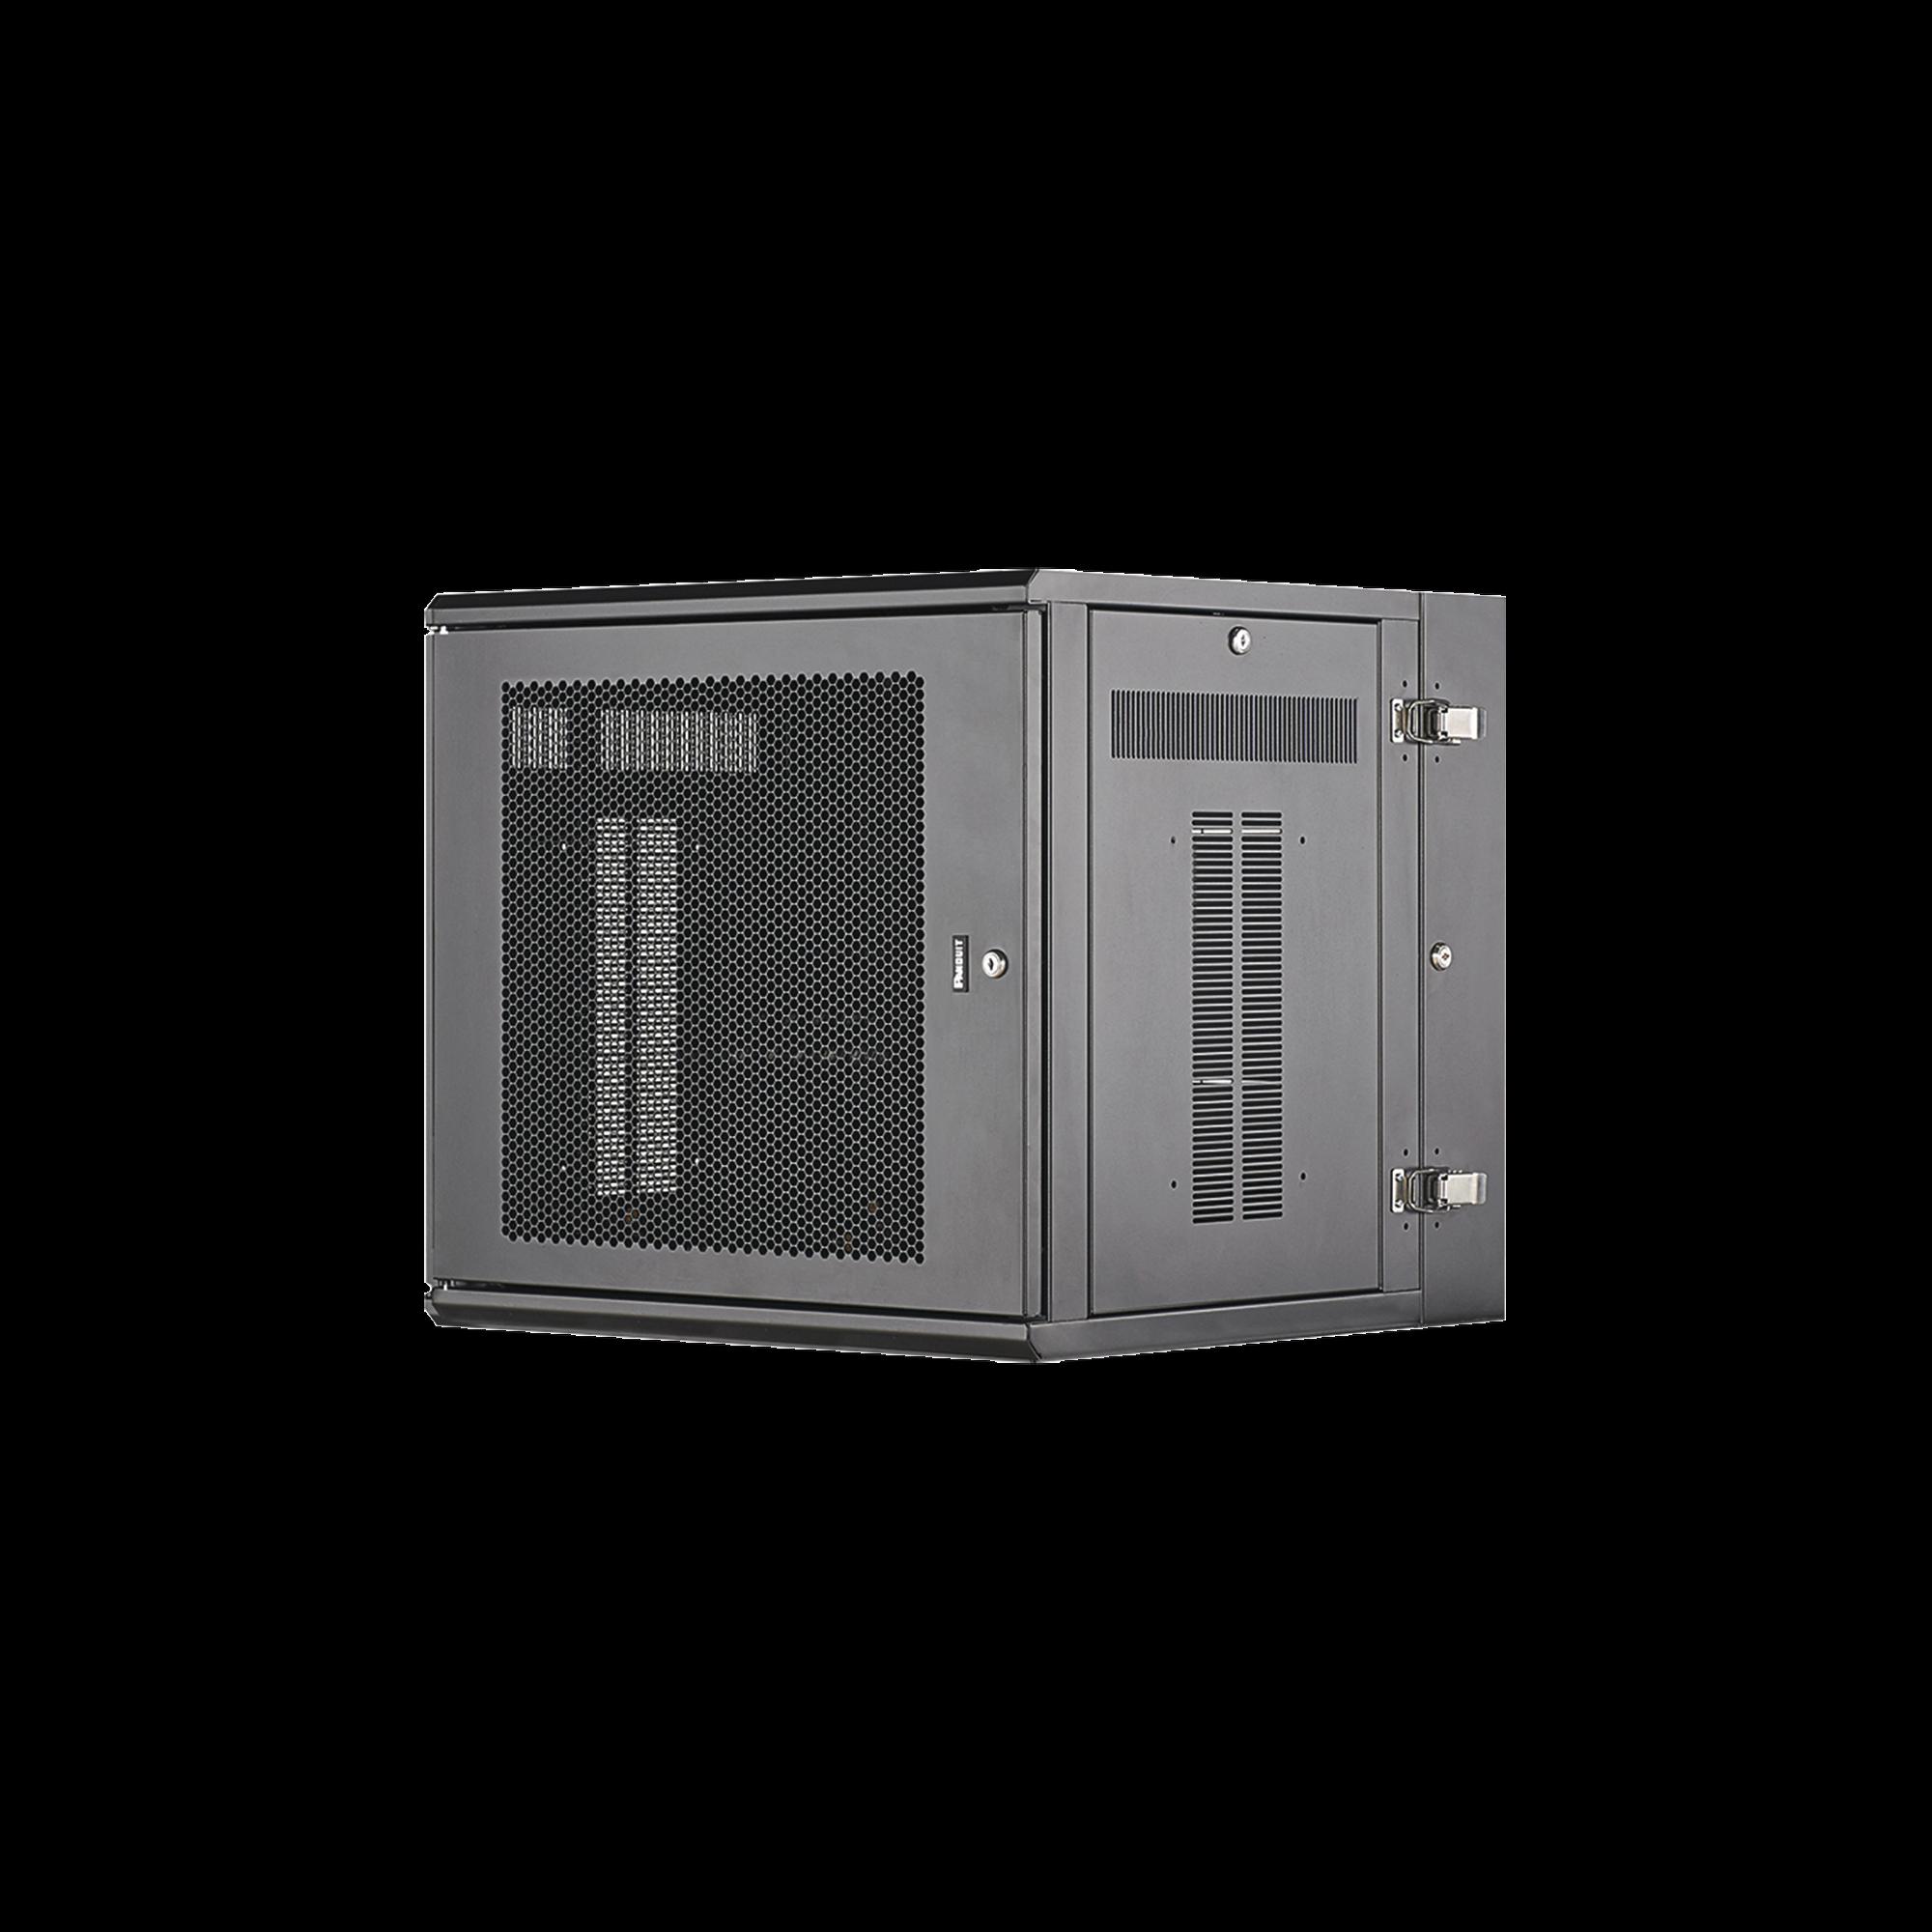 Gabinete PanZone de Montaje en Pared, de 19in, Puerta Ventilada, 12 UR, 635mm de Profundidad, Color Negro